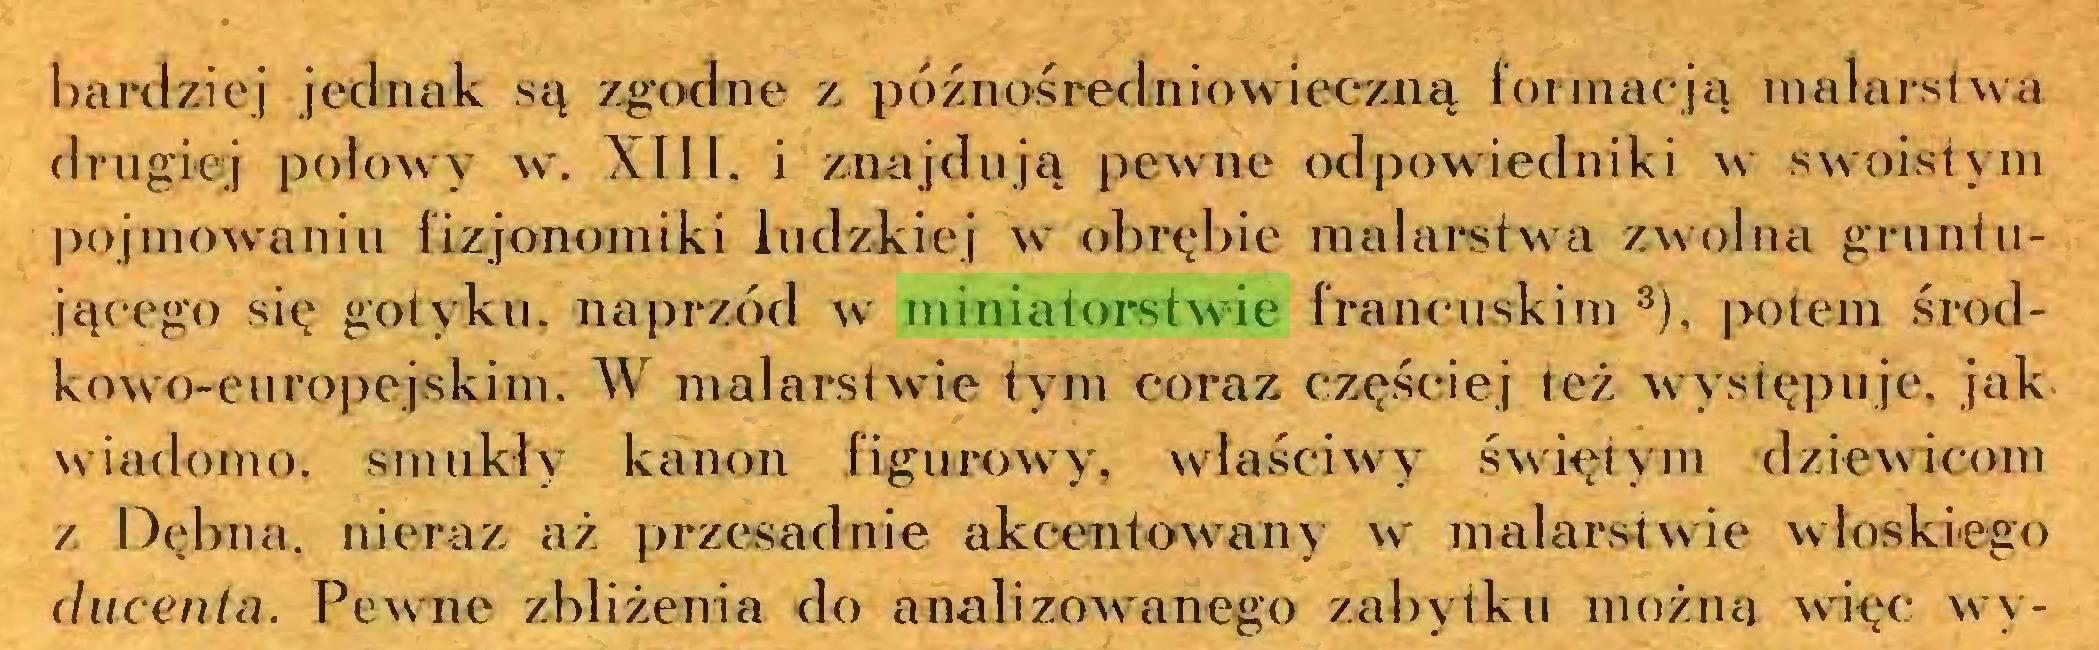 (...) bardziej jednak są zgodne z późnośredniowieczną formacją malardwa drugiej połowy w. XIII. i znajdują pewne odpowiedniki w swoistym pojmowaniu fizjonomiki ludzkiej w obrębie malarstwa zwolna gruntującego się gotyku, naprzód w miniatorstwie francuskim 3), potem środkow o-eu ropęjskini. W malarstwie tym coraz częściej też występuje, jak wiadomo, smukły kanon figurowy, właściwy świętym dziewicom z Dębna, nieraz aż przesadnie akcentowany w malarstwie włoskiego (hicenla. Pewne zbliżenia do analizowanego zabytku można więc wy...